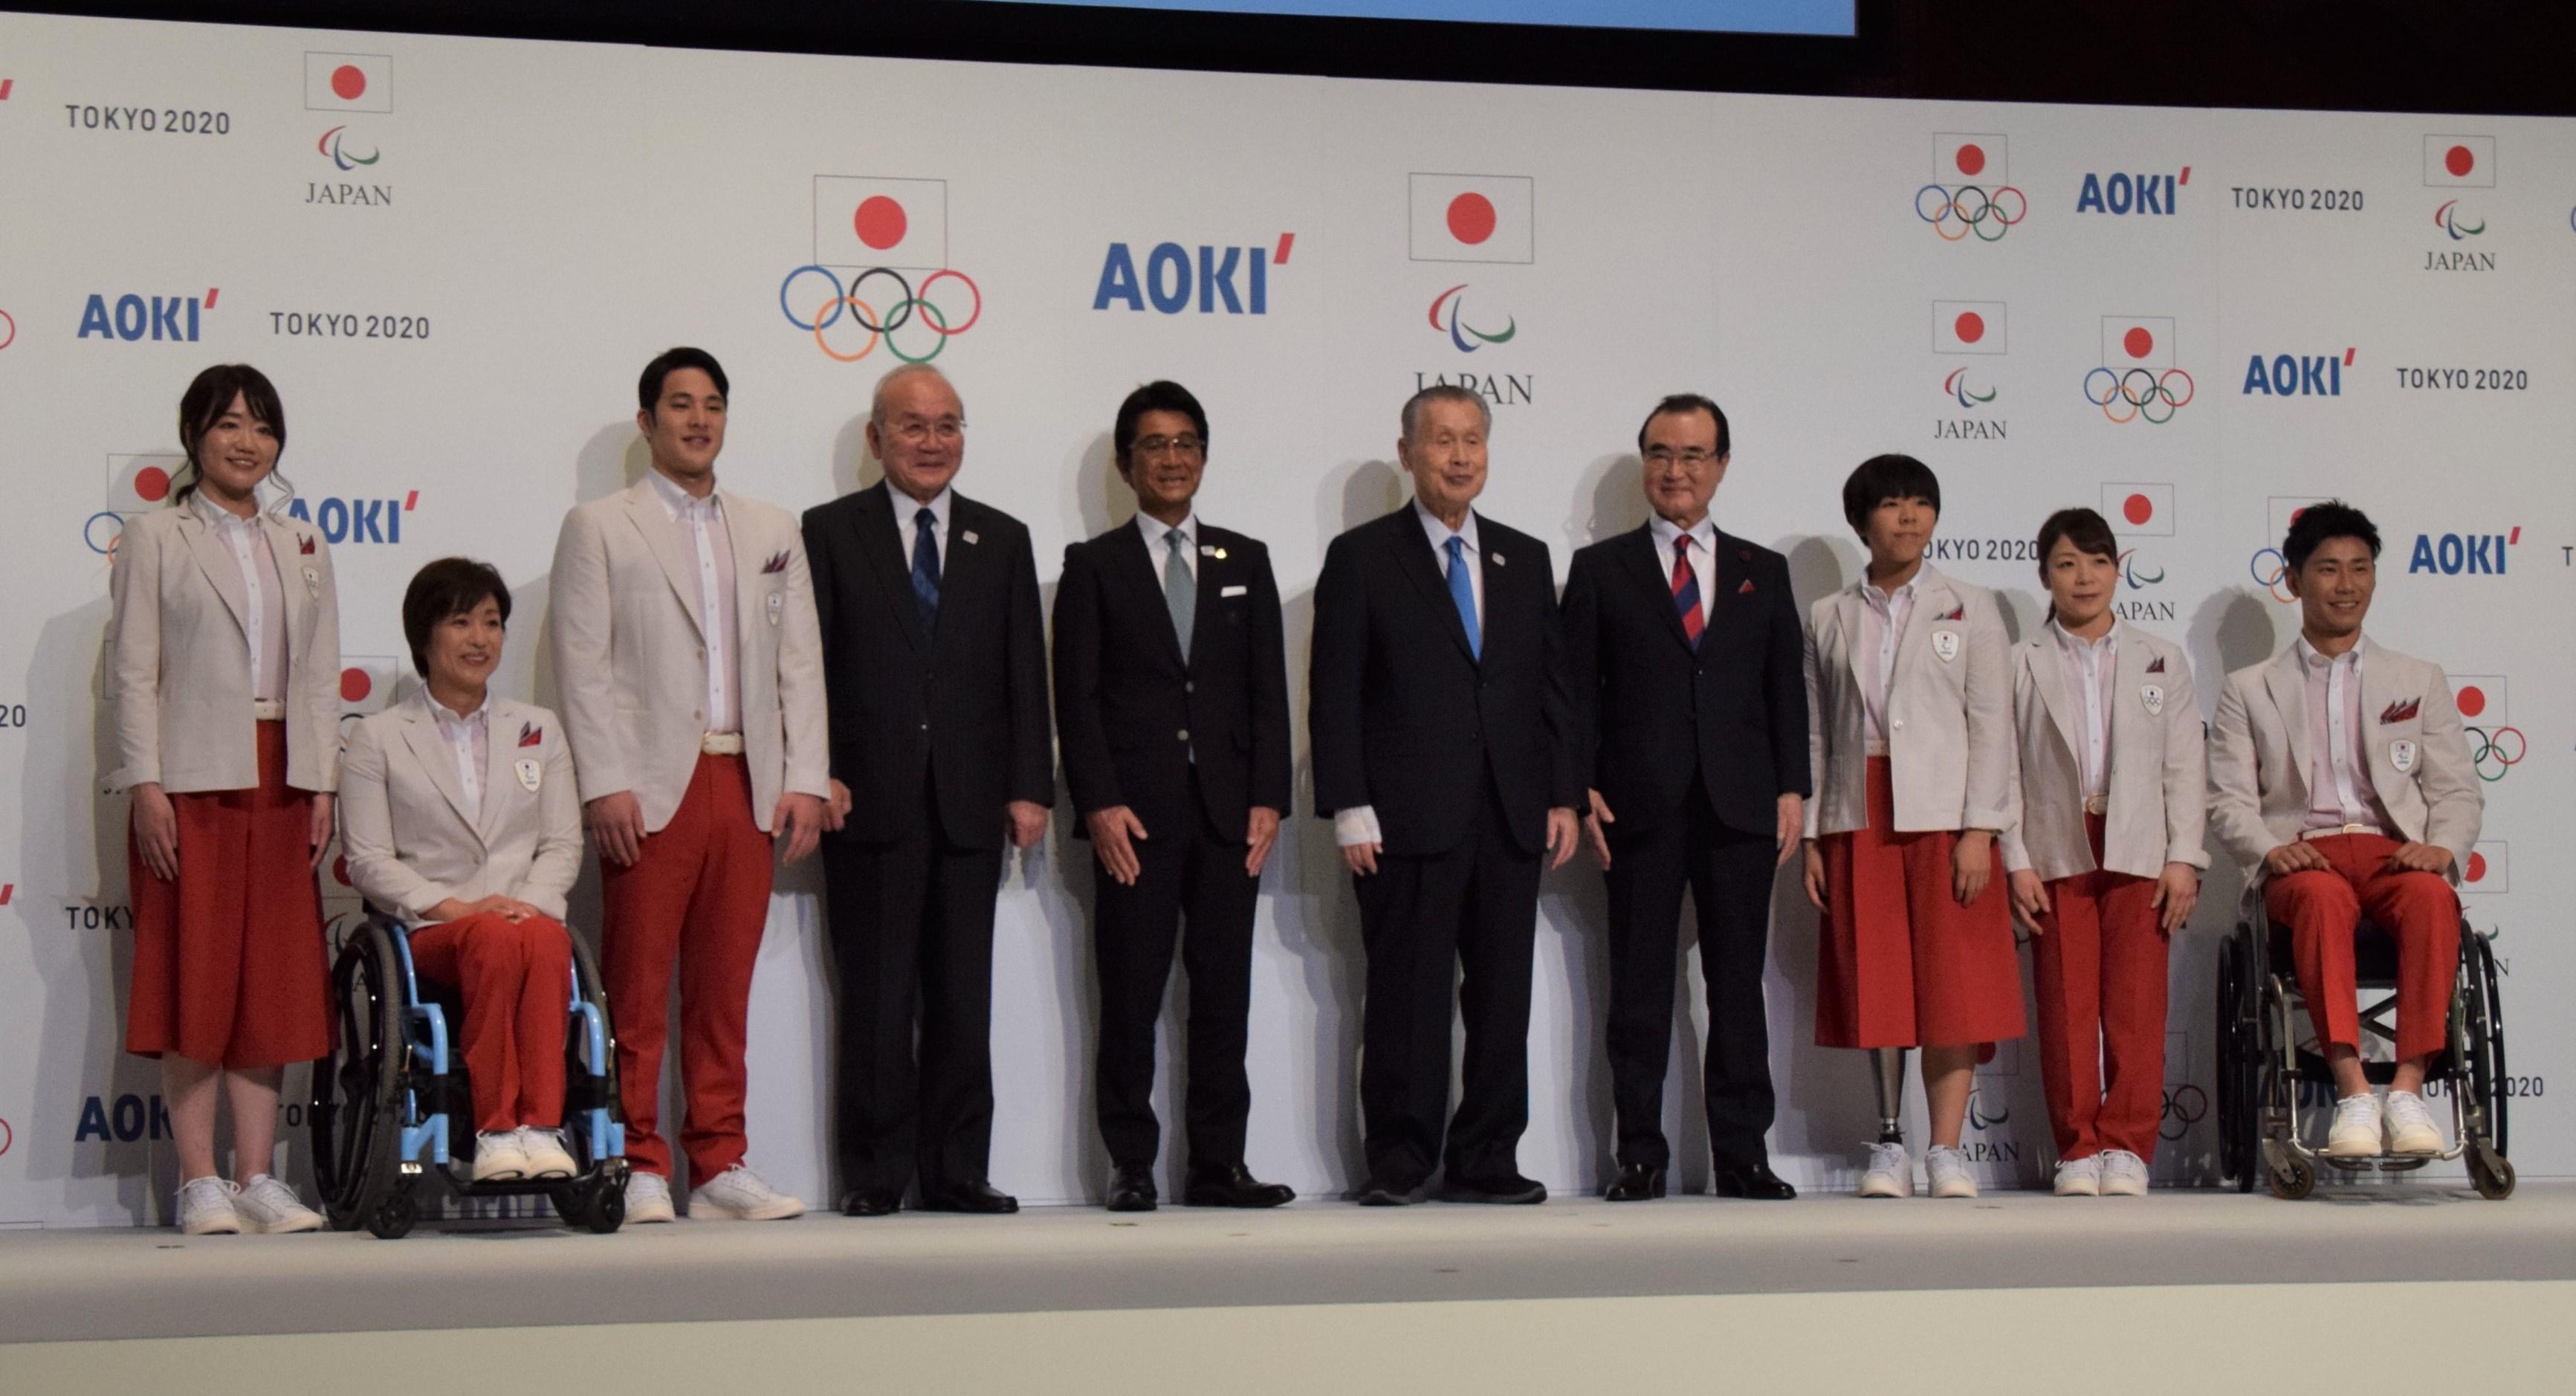 競技 組織 大会 パラリンピック 委員 会 オリンピック 東京 医療態勢、具体数は答えず 五輪組織委、再三の質問にも